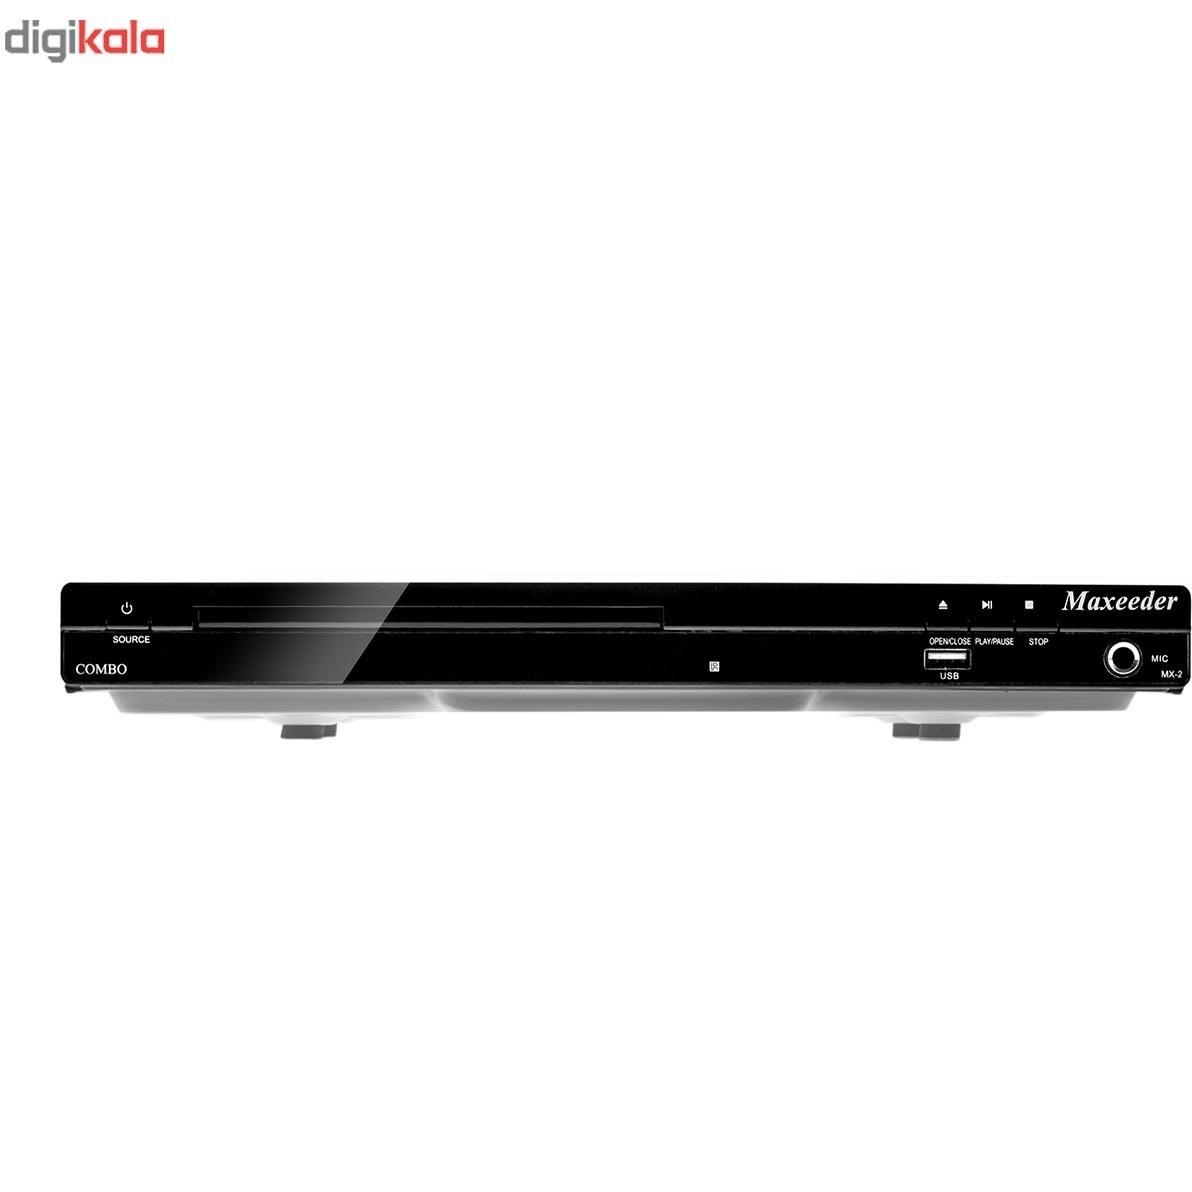 تصویر گیرنده دیجیتال و پخش کننده دی وی دی مکسیدر مدل MX-2 Combo Maxeeder MX-2 Combo DVB-T2 And DVD Player